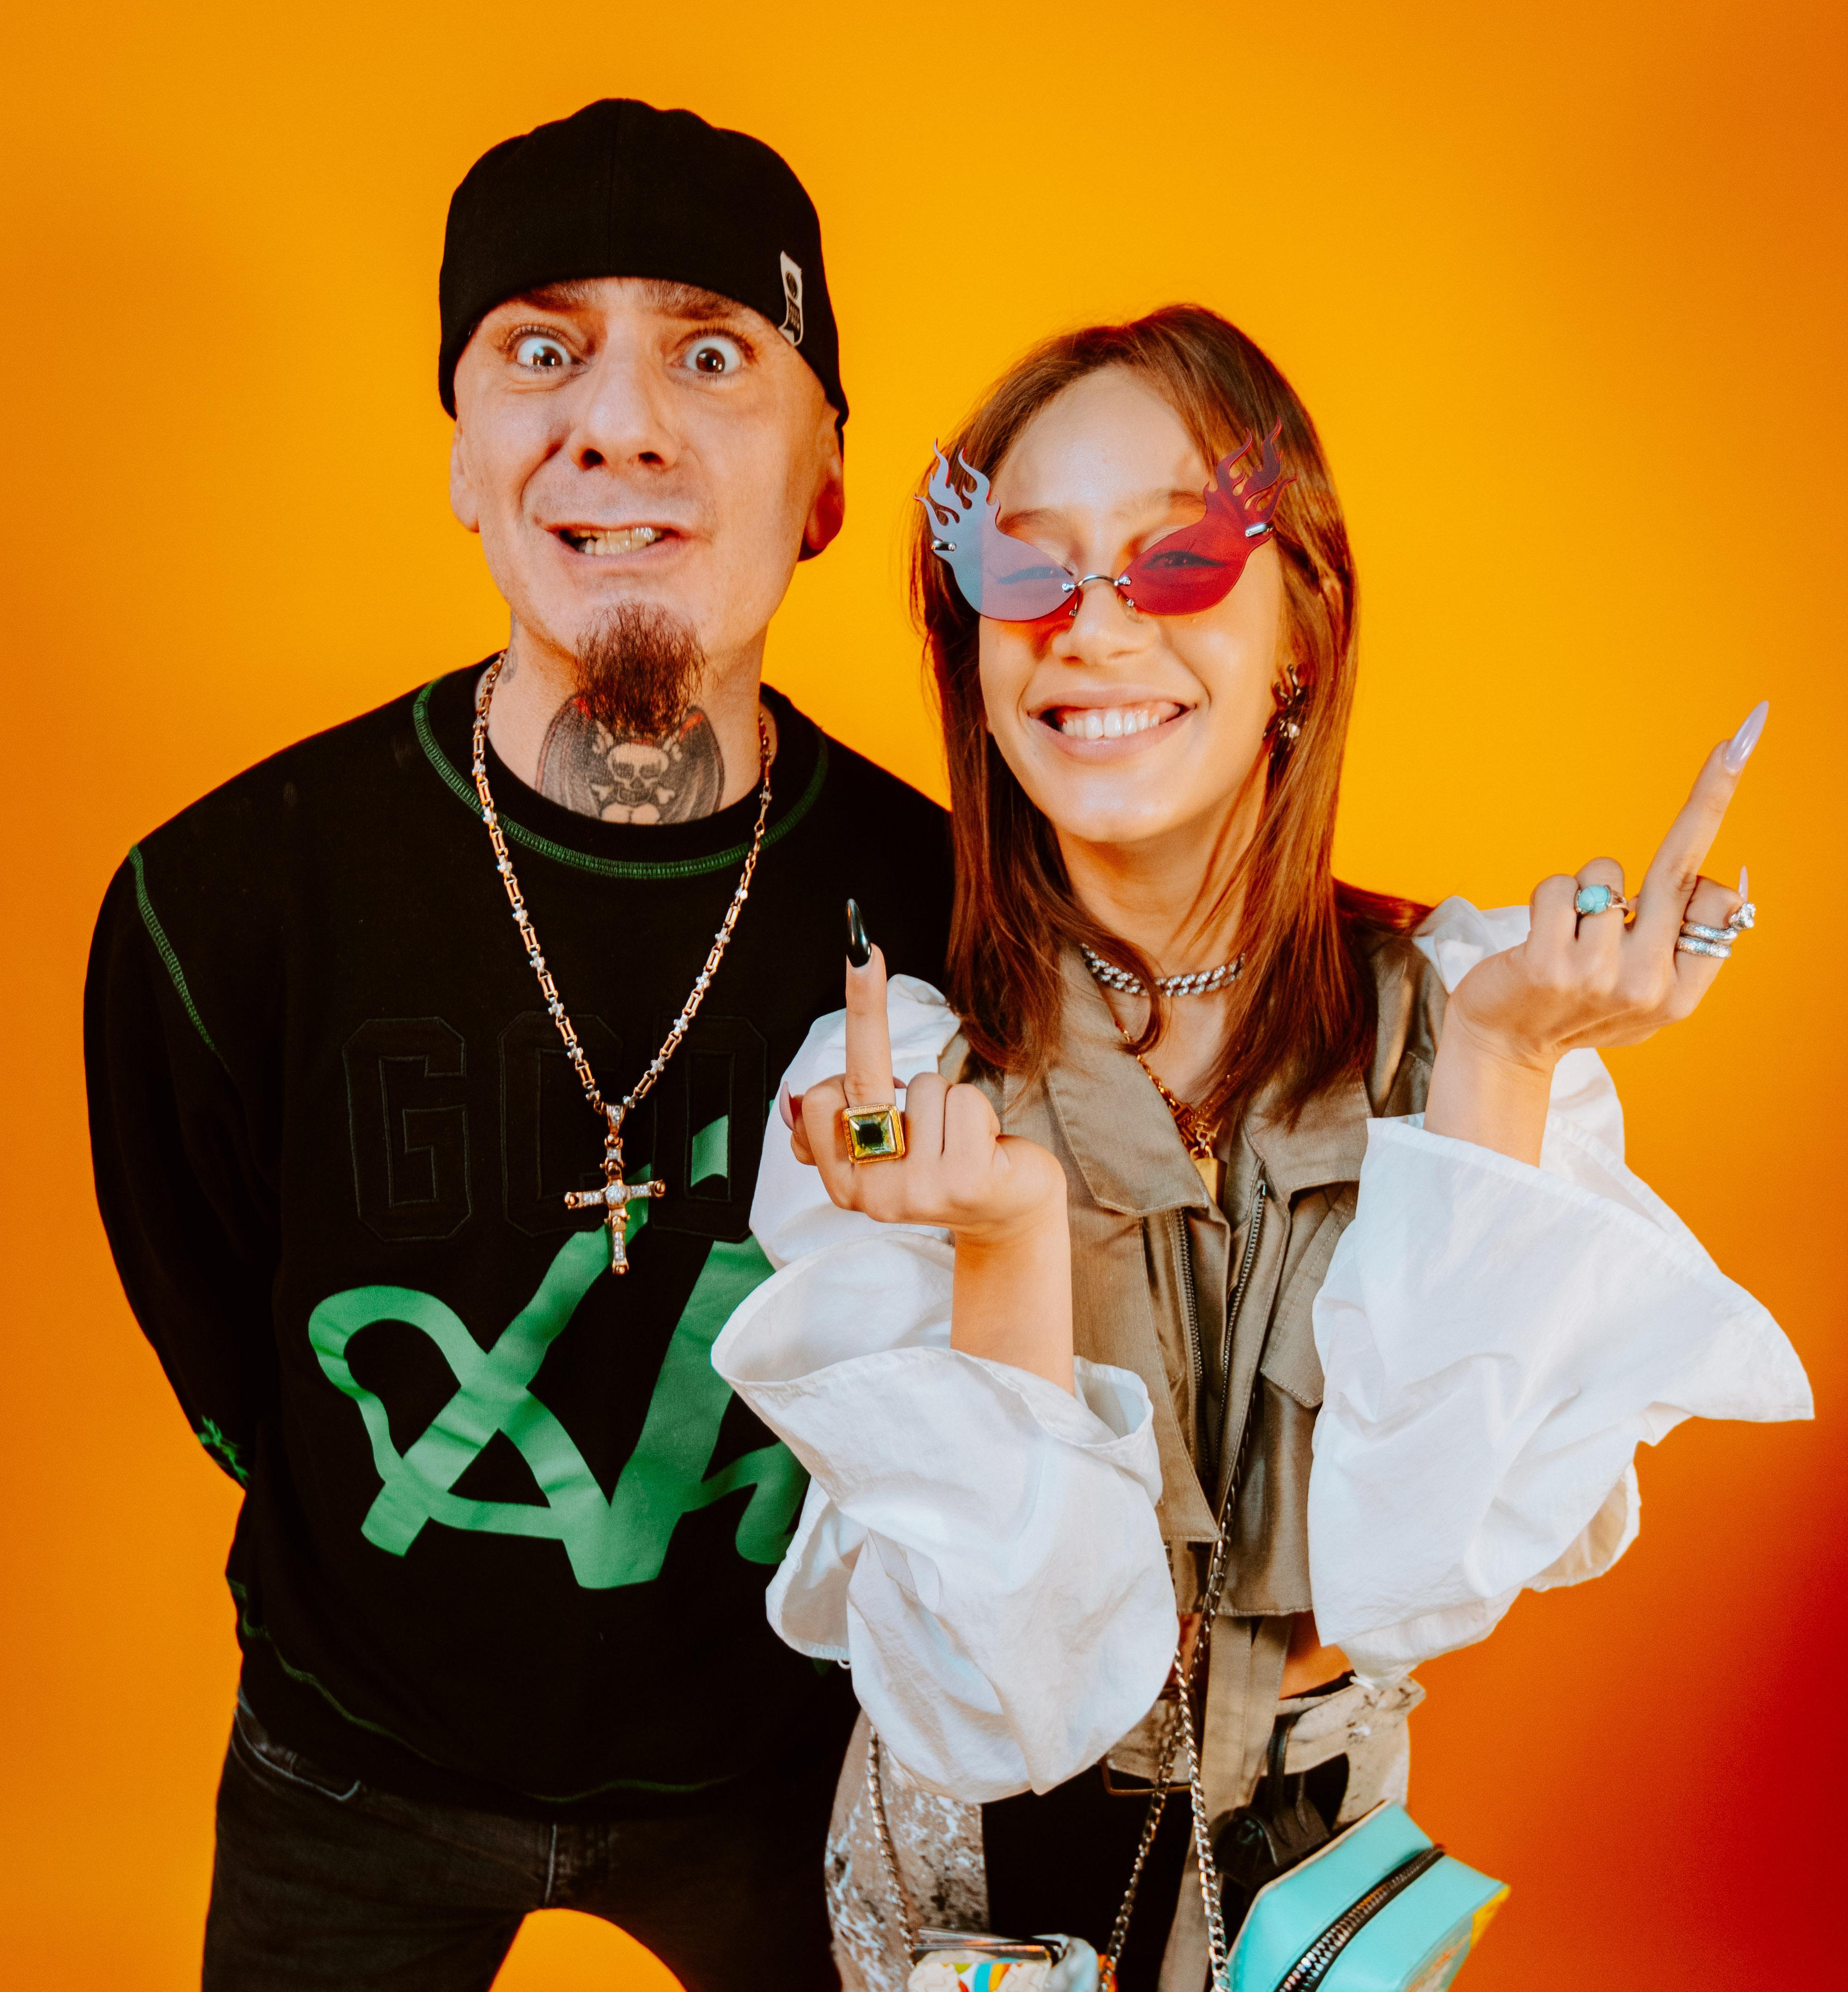 J-Ax e Chadia Rodriguez. Foto di Fabrizio Cestari.